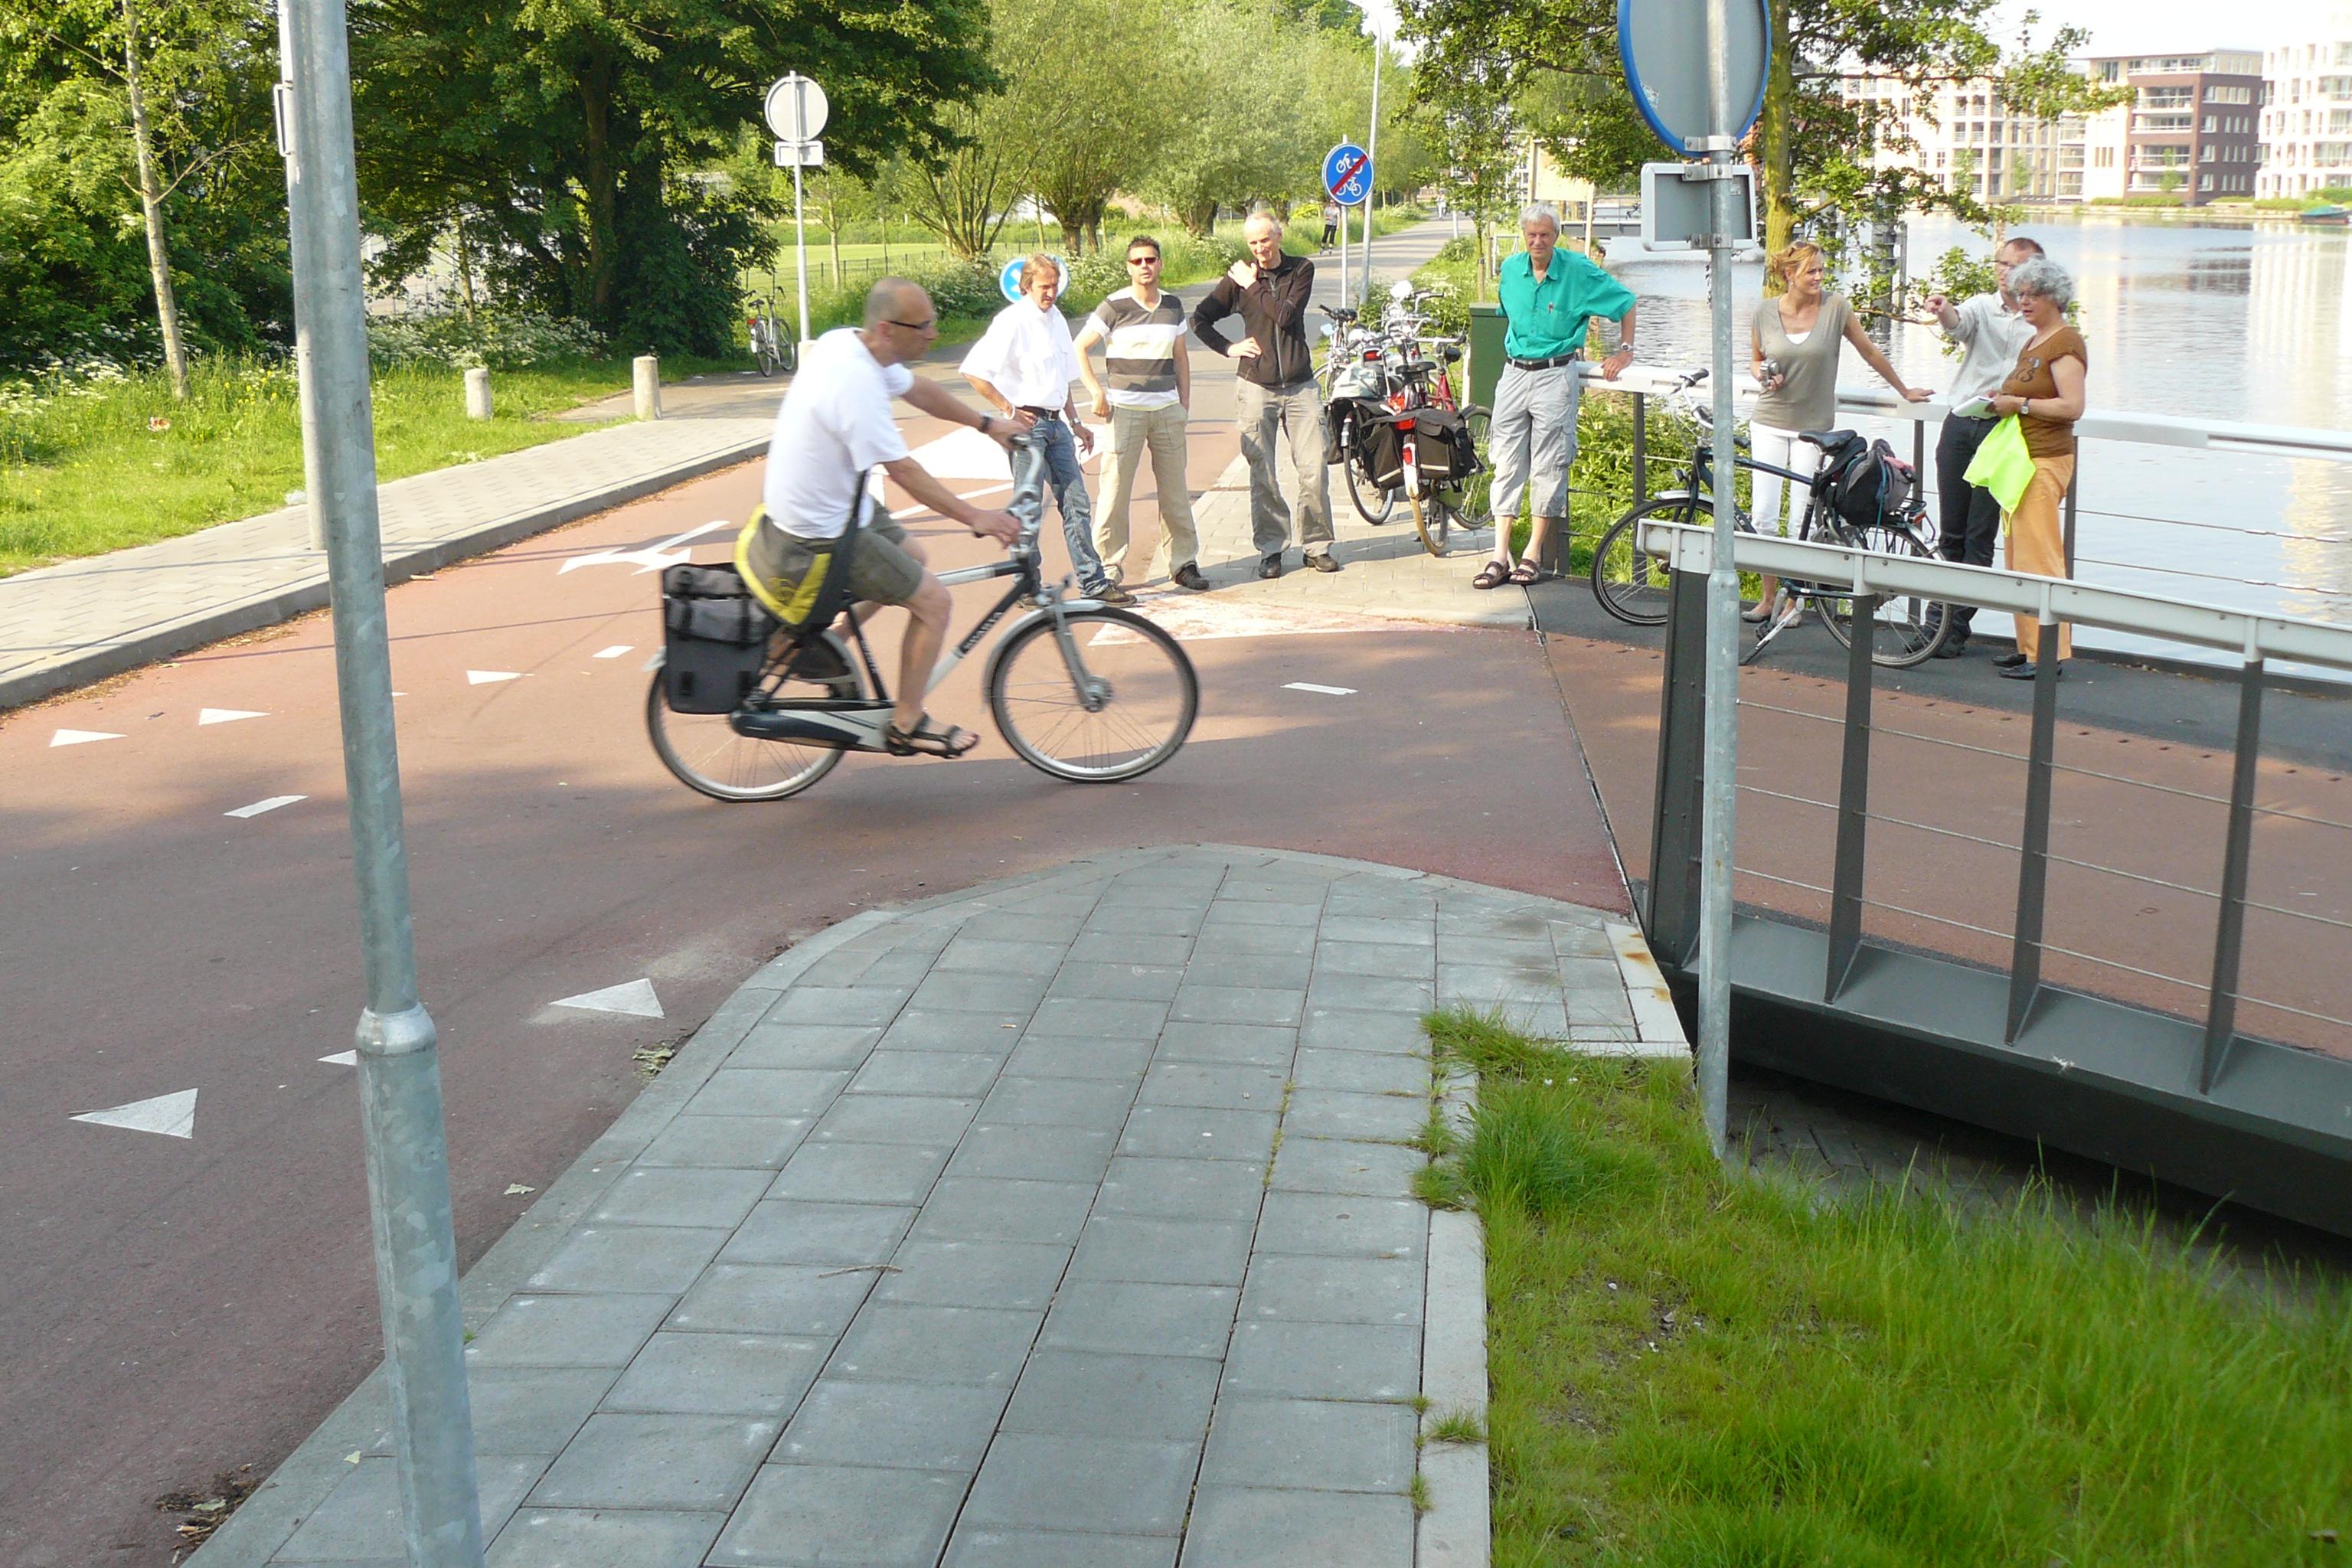 2012-06_P1720310_Schouw_bij_krappe_bocht_fietsonderdoorgang_Buitenrustbruggen